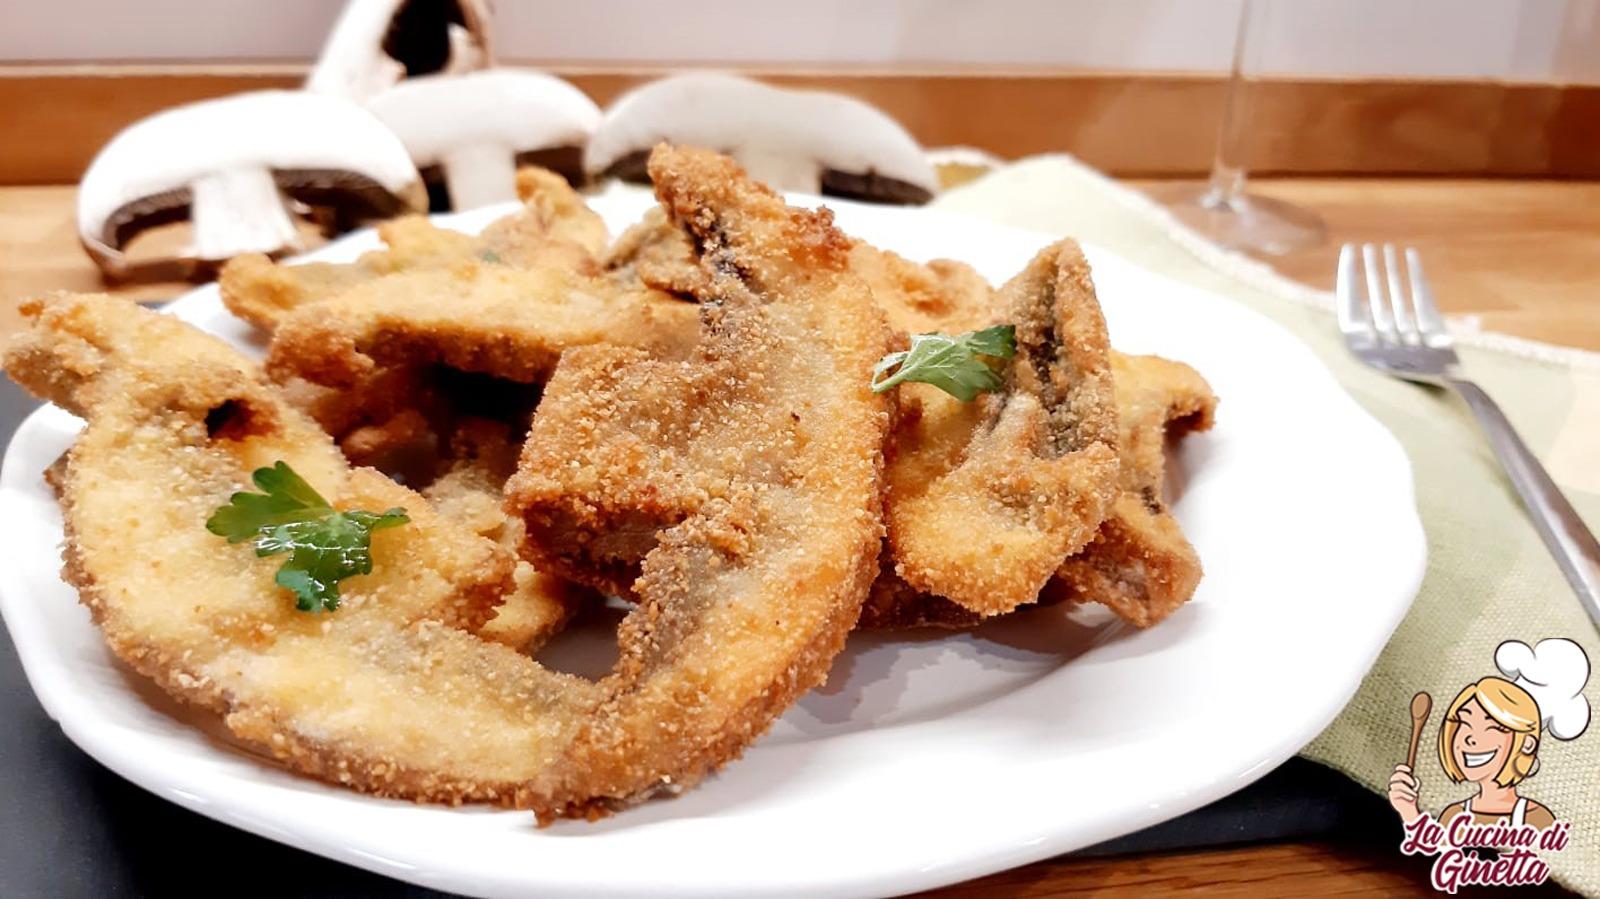 Funghi fritti panati